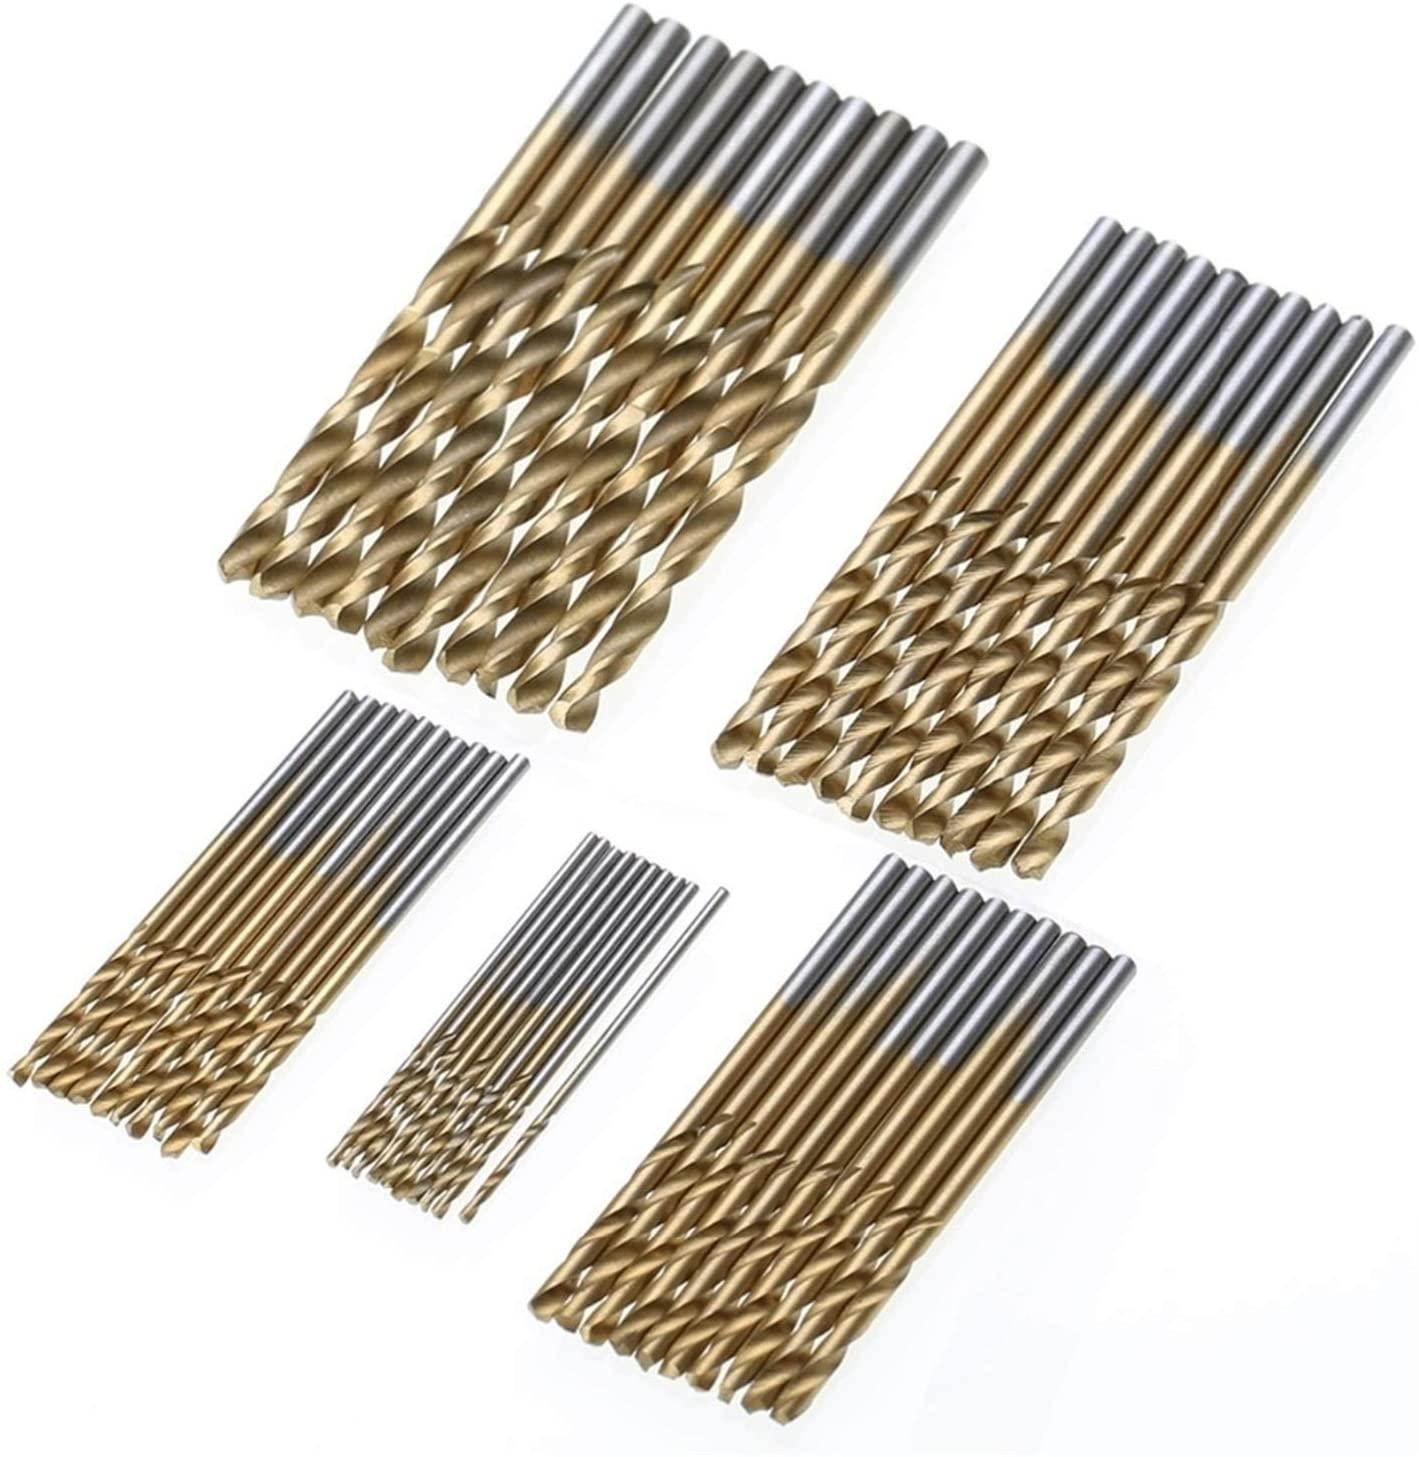 50 шт. набор сверл с титановым покрытием Mayitr HSS Mini сверло для извлечения 1/1, 5/2/2, 5/3 мм для металла, дерева, алюминия, сверлильные инструменты